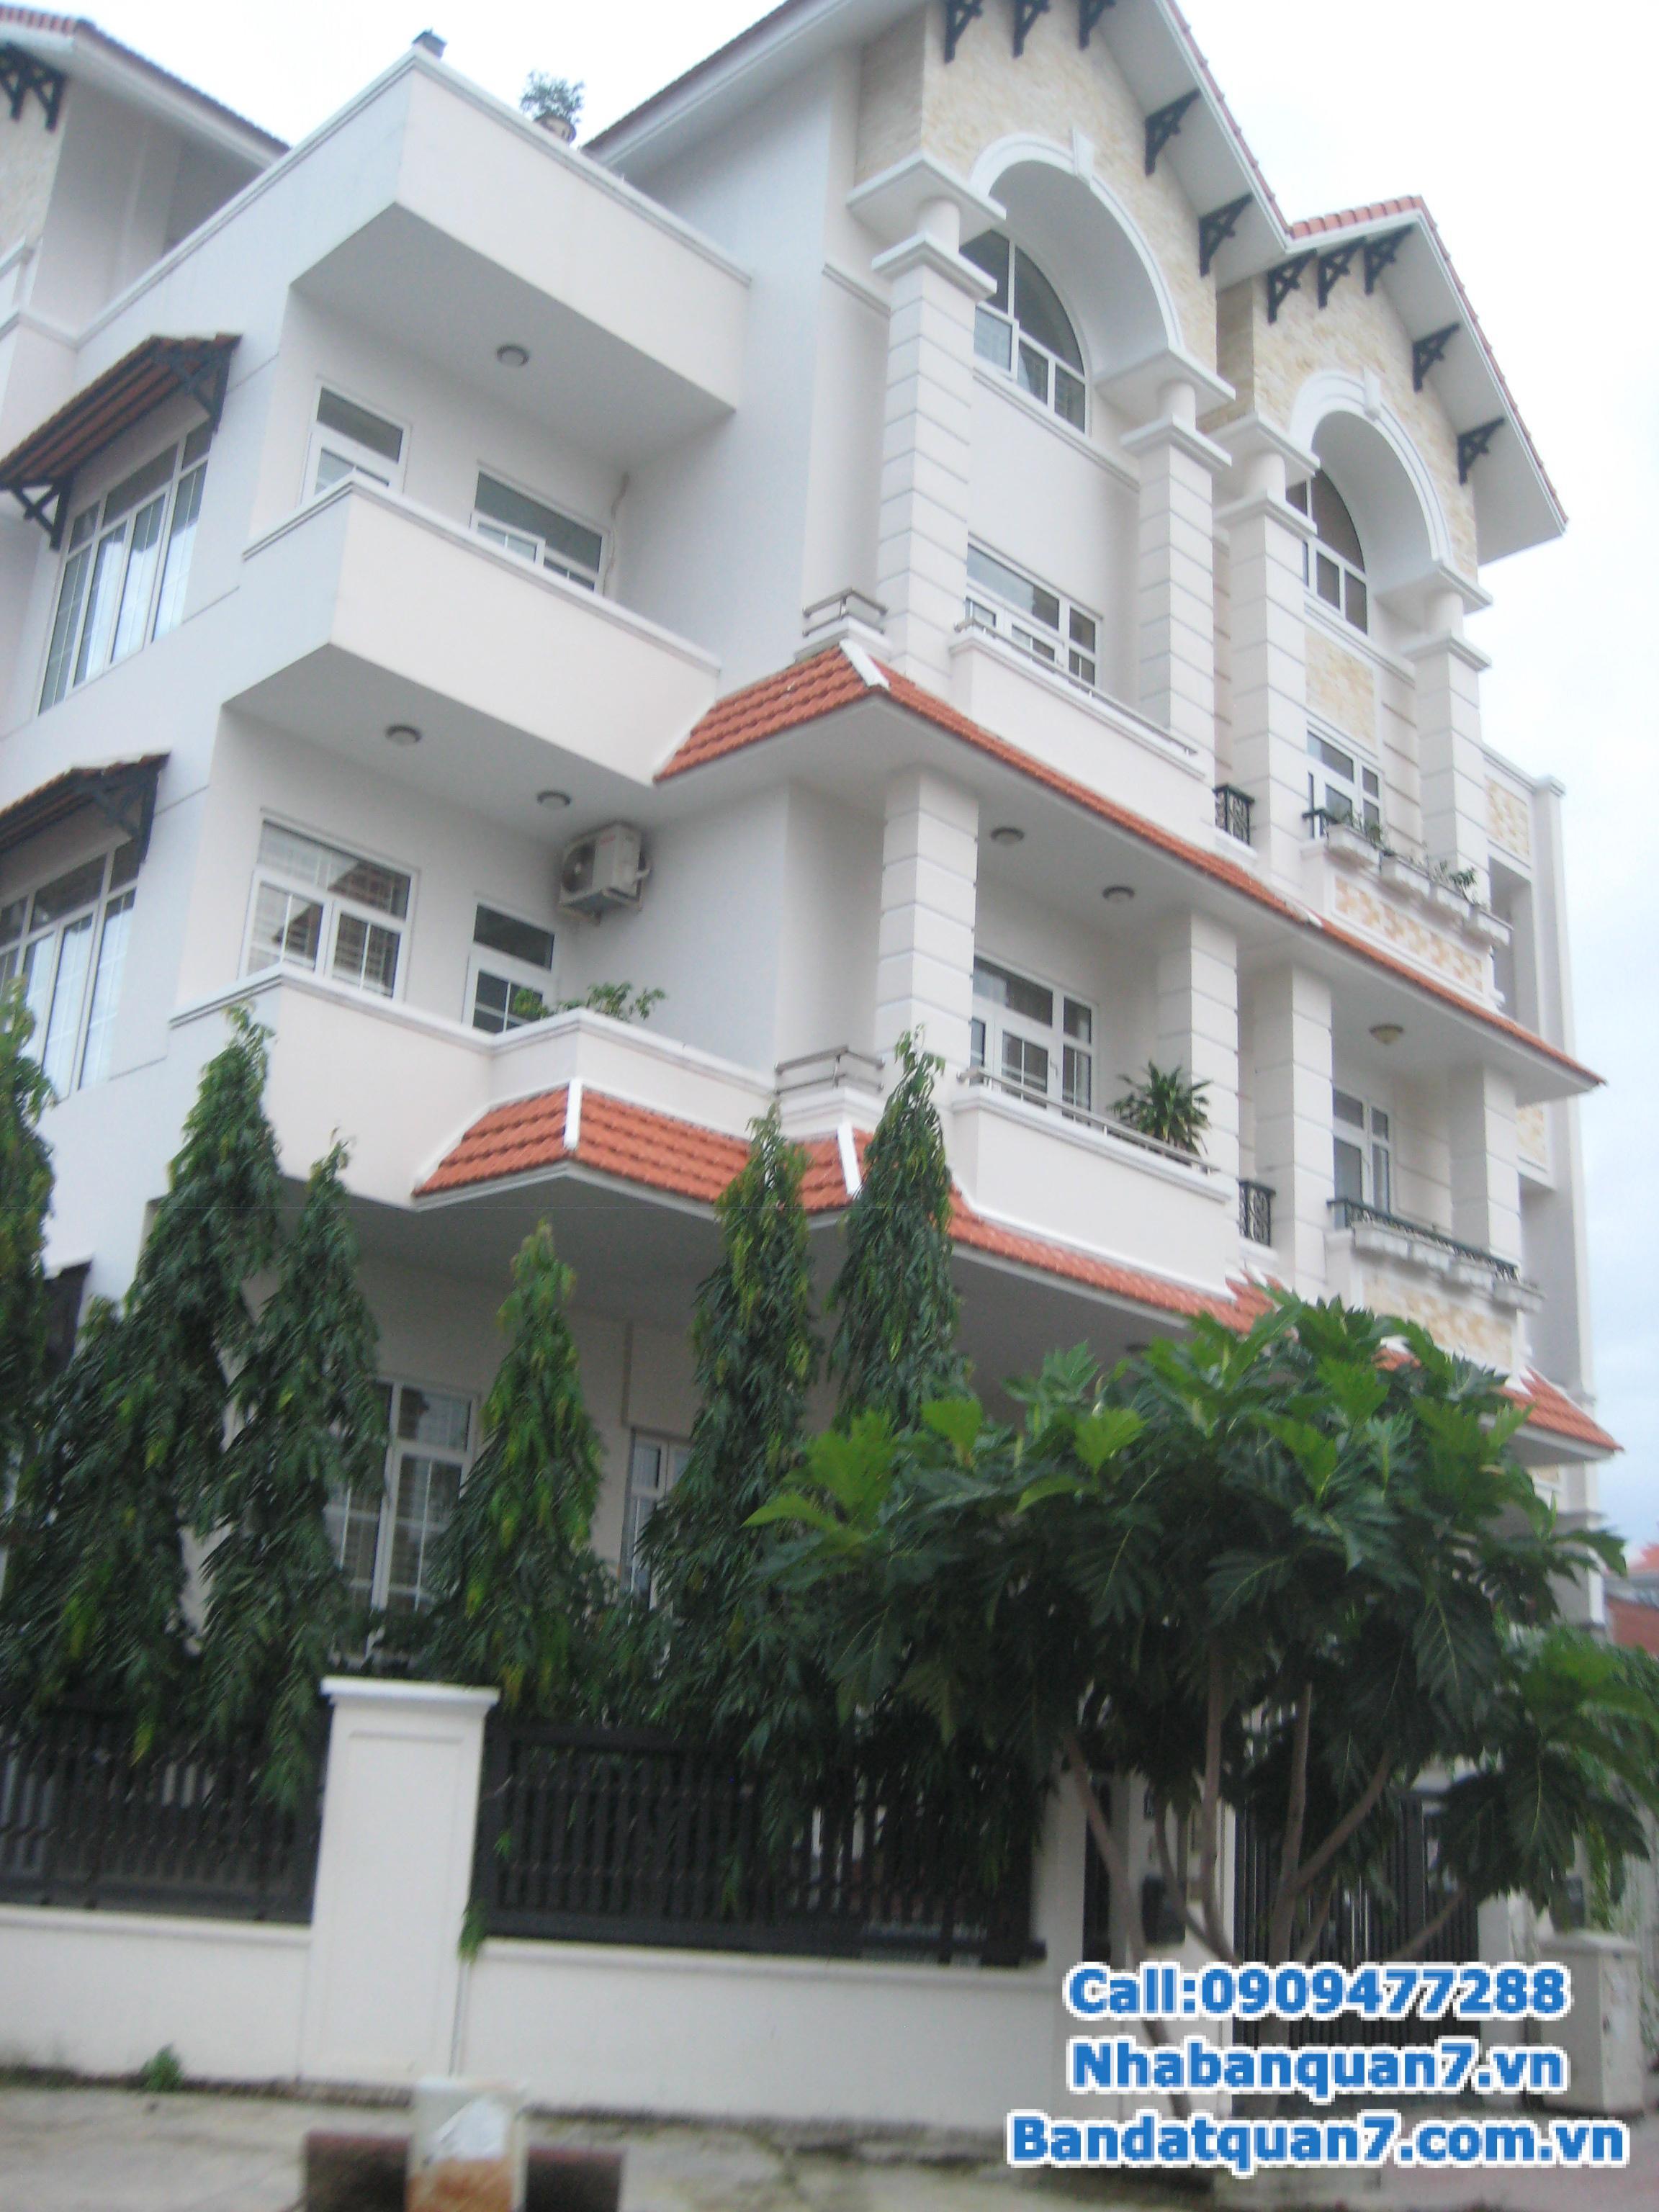 Cần bán gấp biệt thự Him Lam, diện tích: 10x20m, căn góc, J1, hướng Tây Nam.